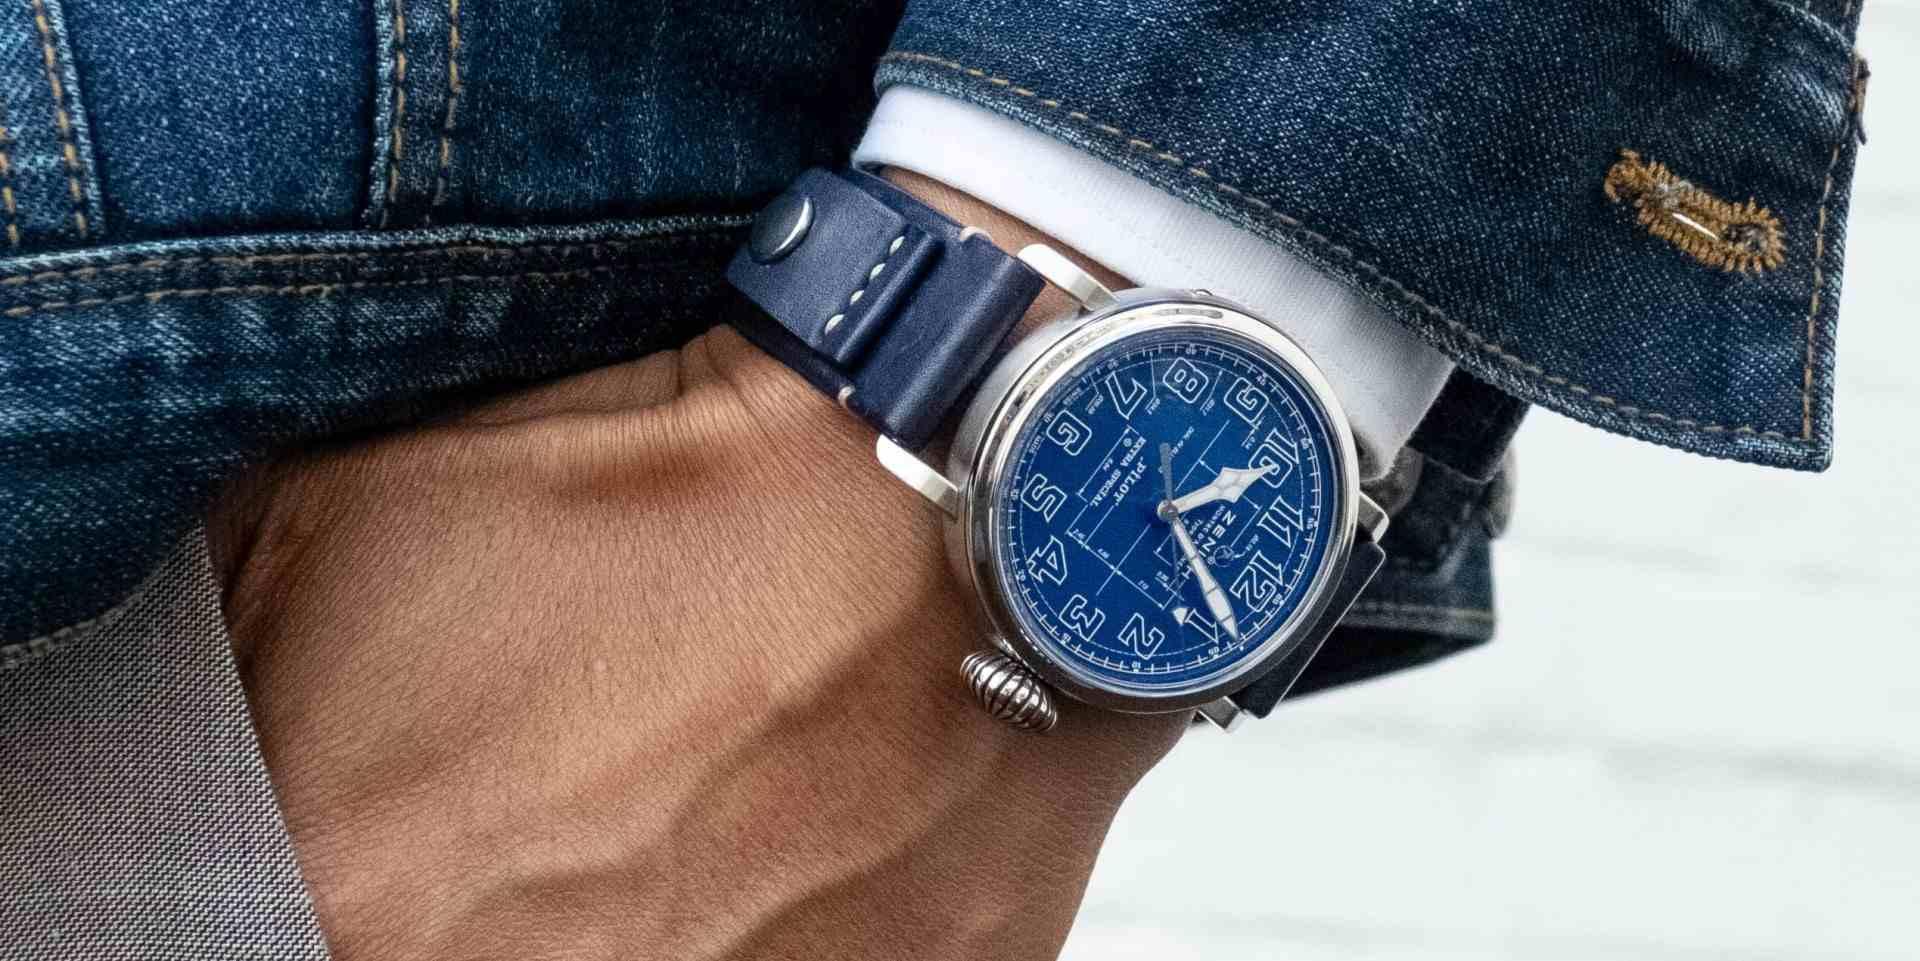 實現壯航世界的藍圖:真力時PILOT 飛行員系列 Type 20 Blueprint限量版腕錶